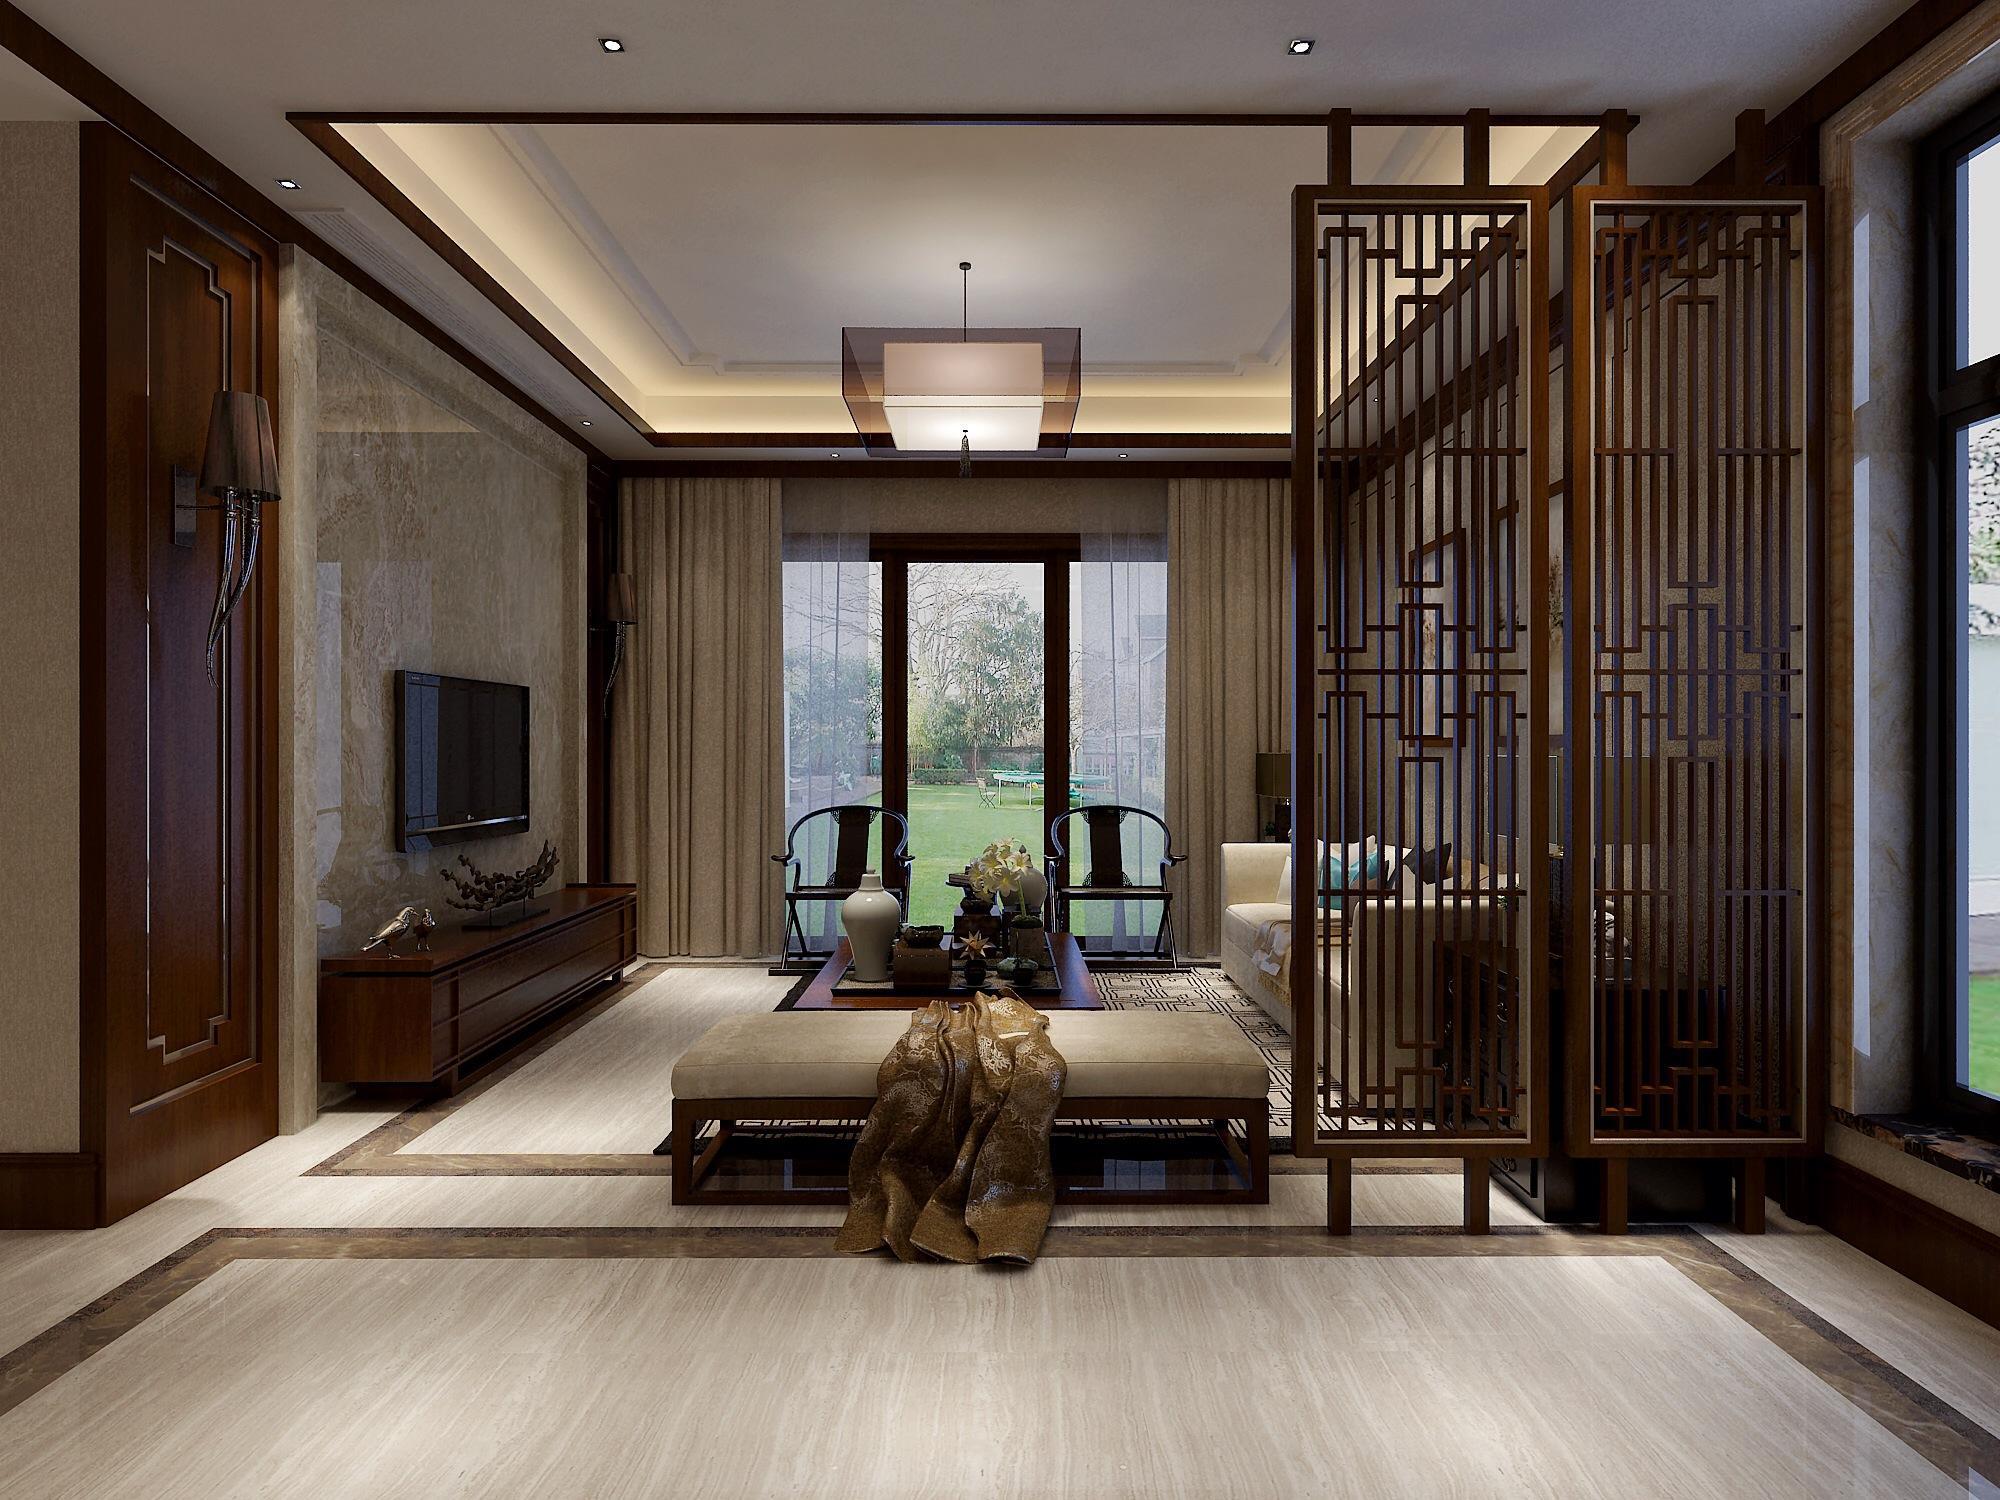 三居 别墅 客厅图片来自武汉生活家在新中式风格的分享